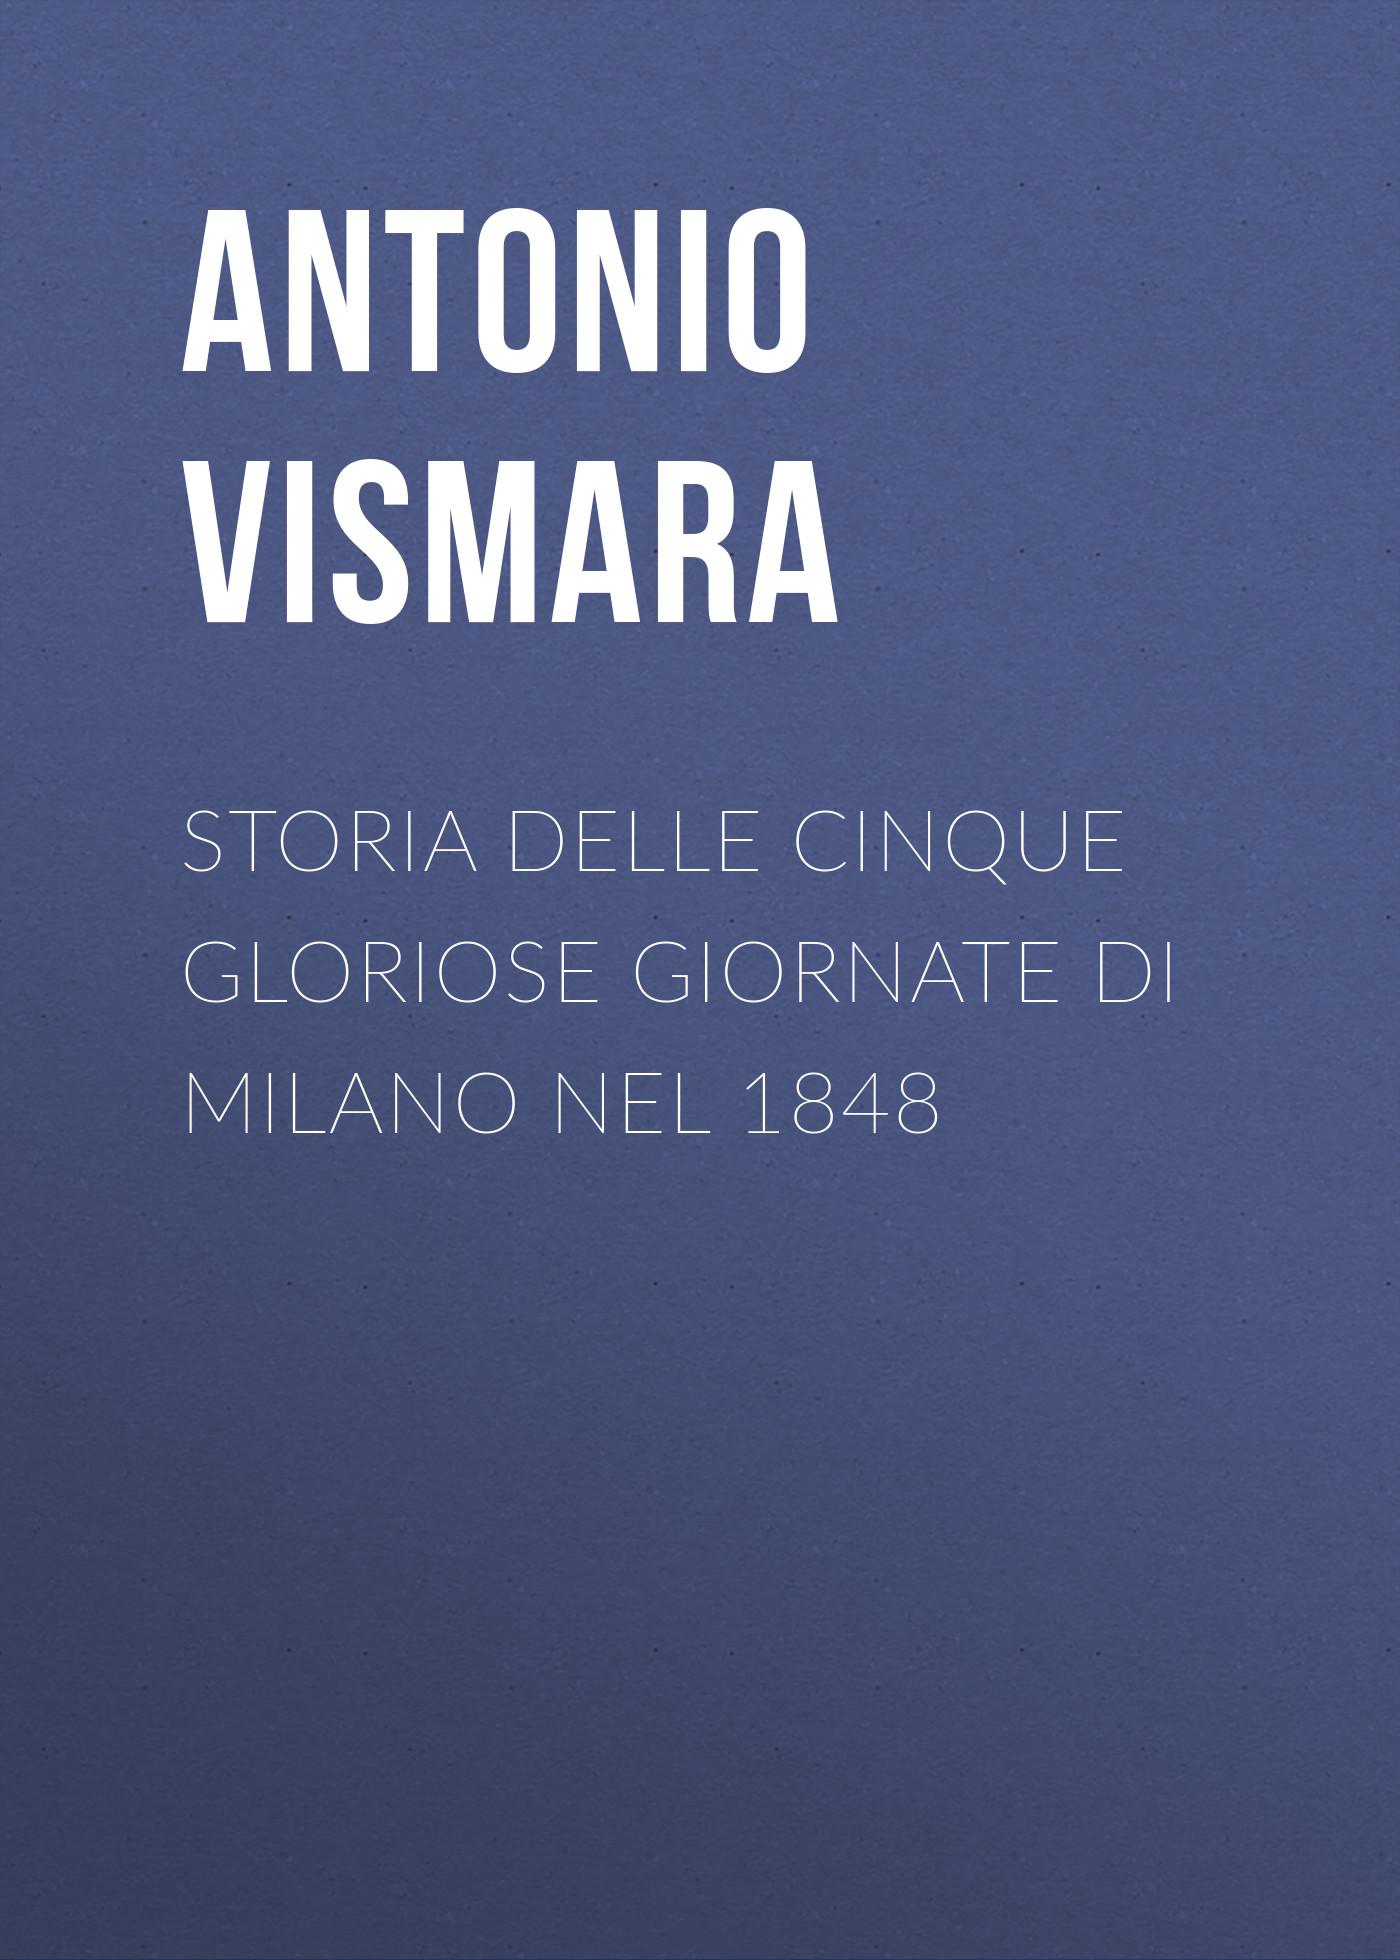 Antonio Vismara Storia delle cinque gloriose giornate di Milano nel 1848 antonio ghislanzoni la contessa di karolystria storia tragicomica